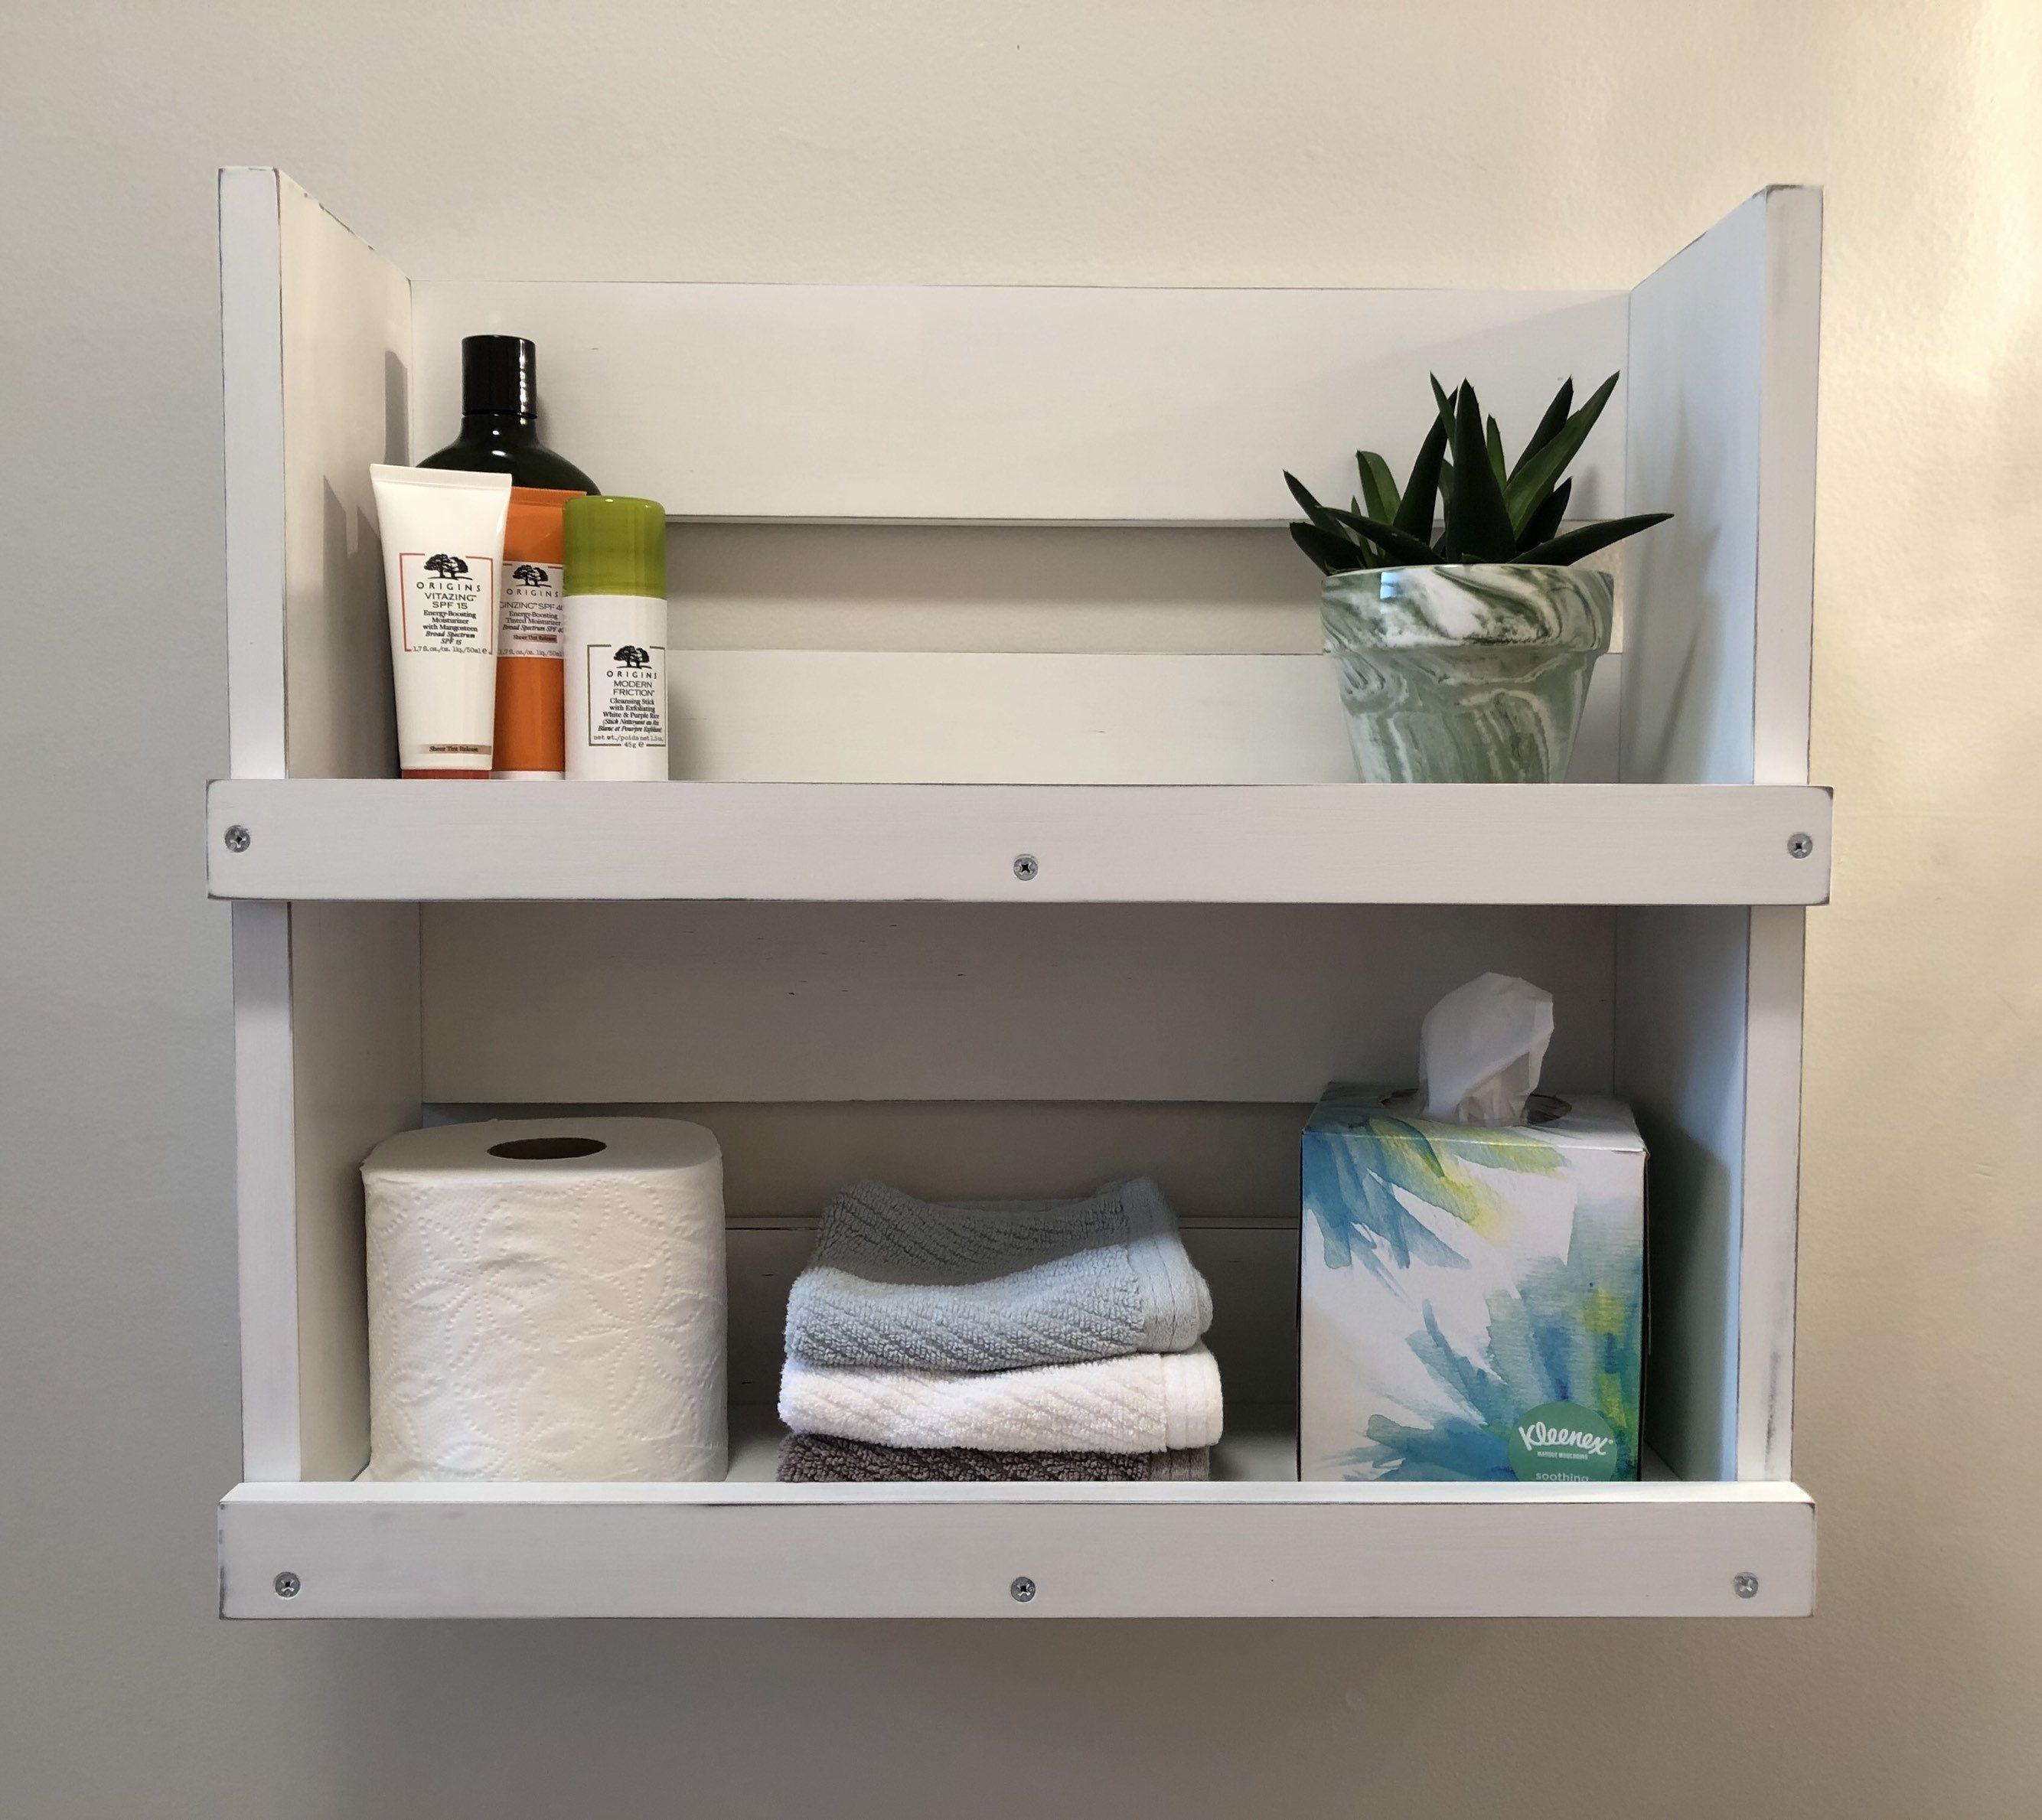 Pin By Blackironworks On Estantes In 2020 Shelves White Wood Shelves Bathroom Wood Shelves